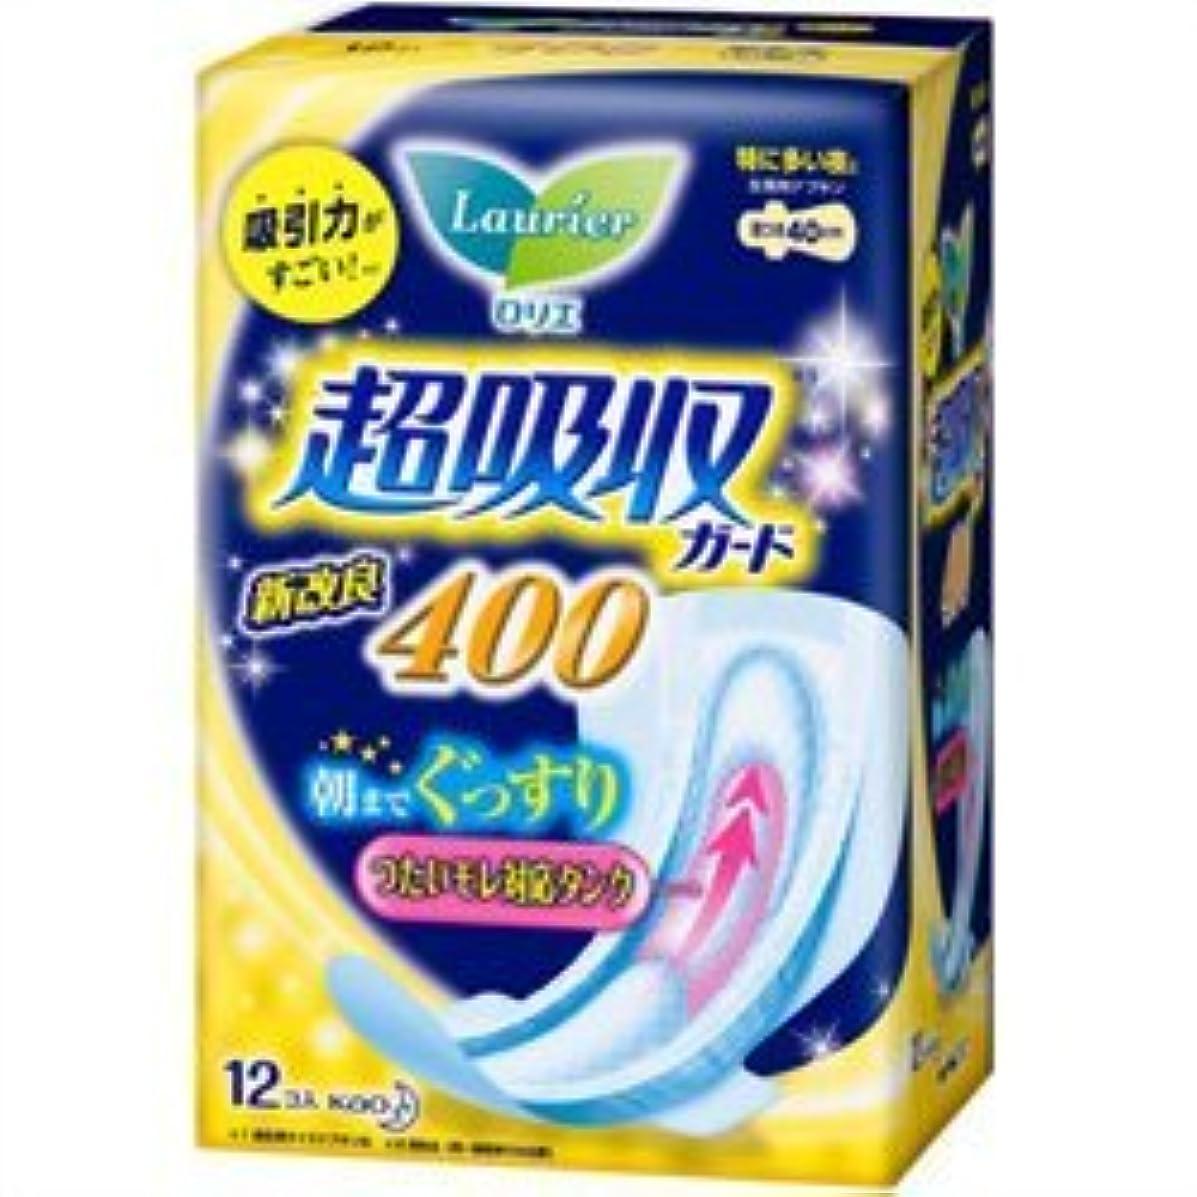 損失メロン活気づける【花王】ロリエ超吸収ガード400 12コ入 ×10個セット